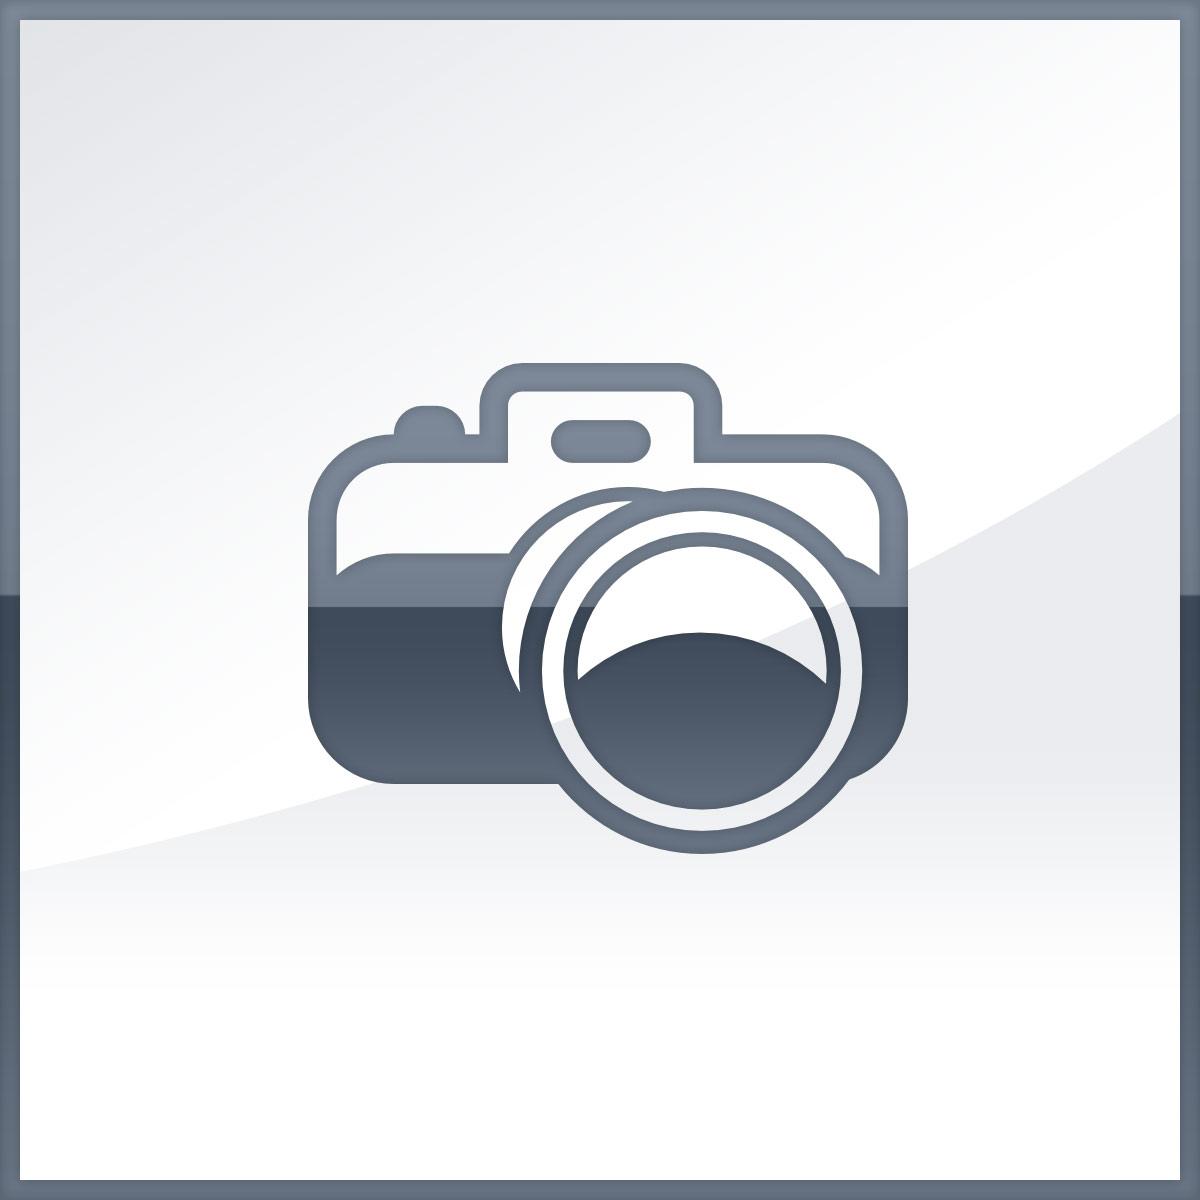 CAT - SMARTPHONES CAT PHONE B35 4G 4GB 512MB 2.4IN QVGA KAIOS       IN